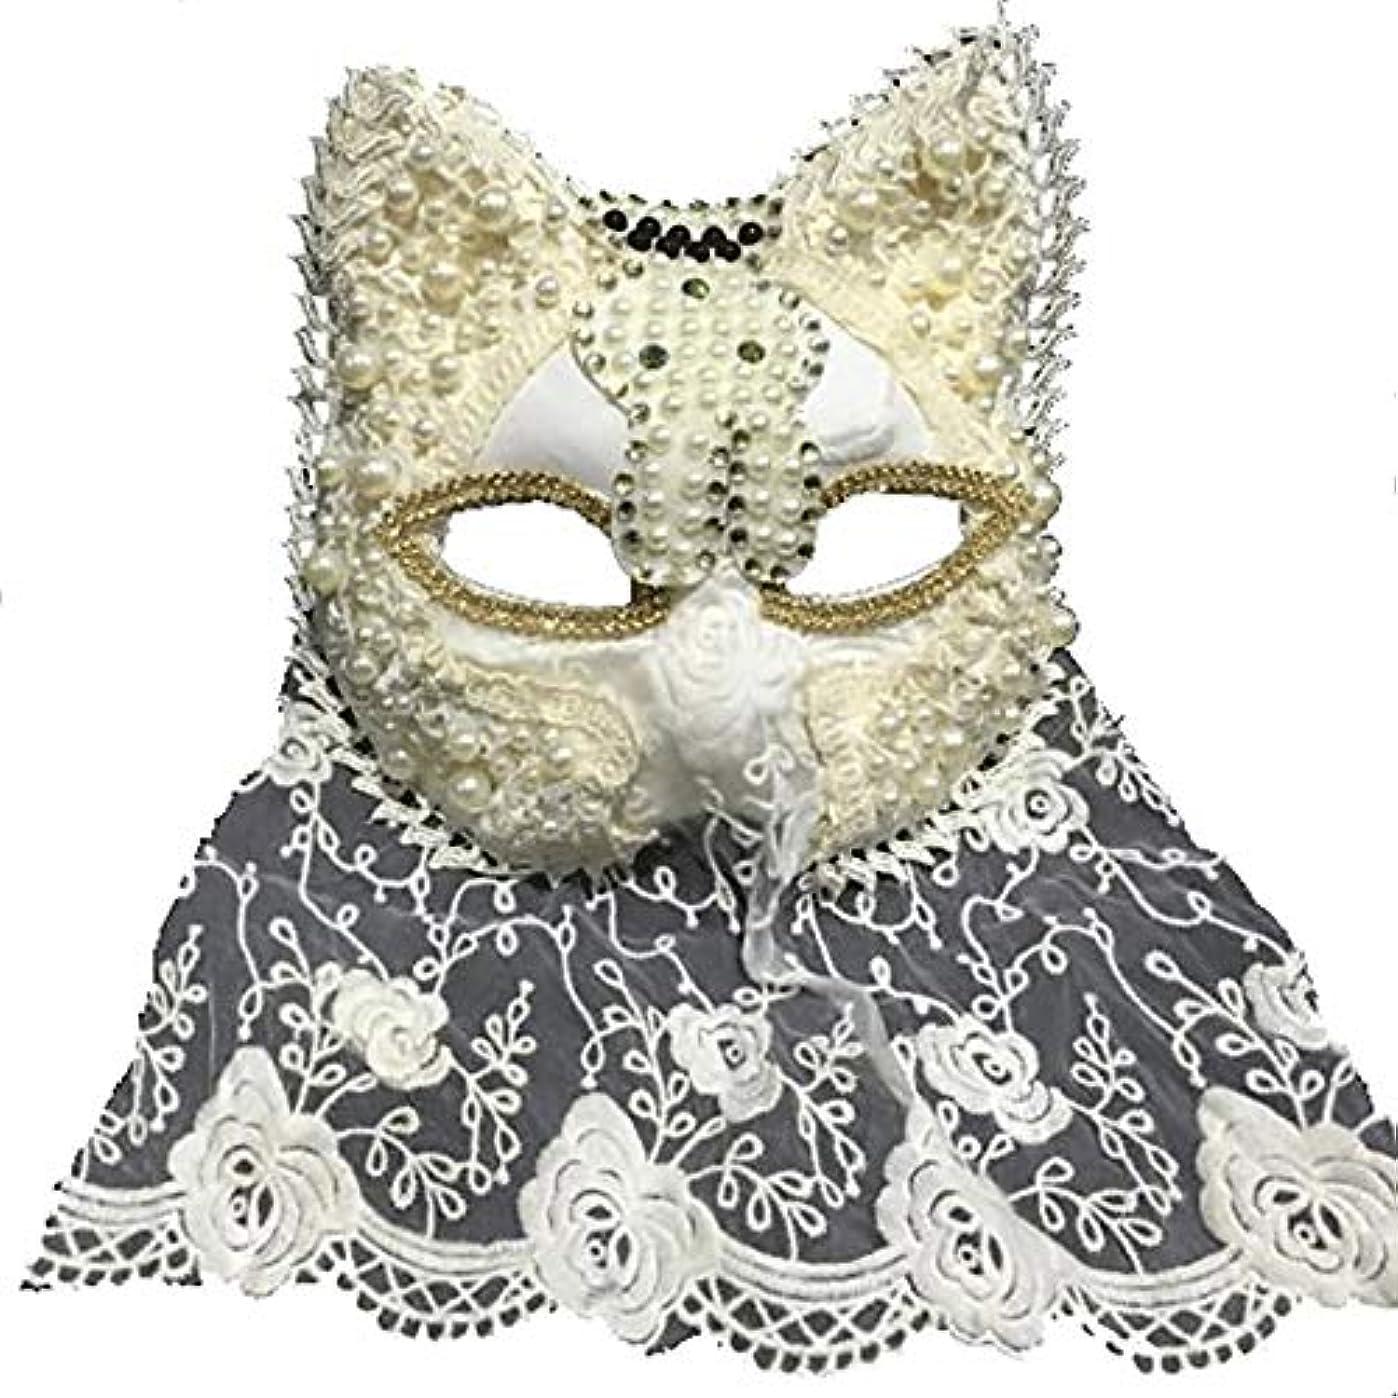 ロープ意図アラームNanle ハロウィーンクリスマスフリンジフェザーフラワークリスタルビーズマスク仮装マスクレディミスプリンセス美容祭パーティーデコレーションマスク (色 : Style F)